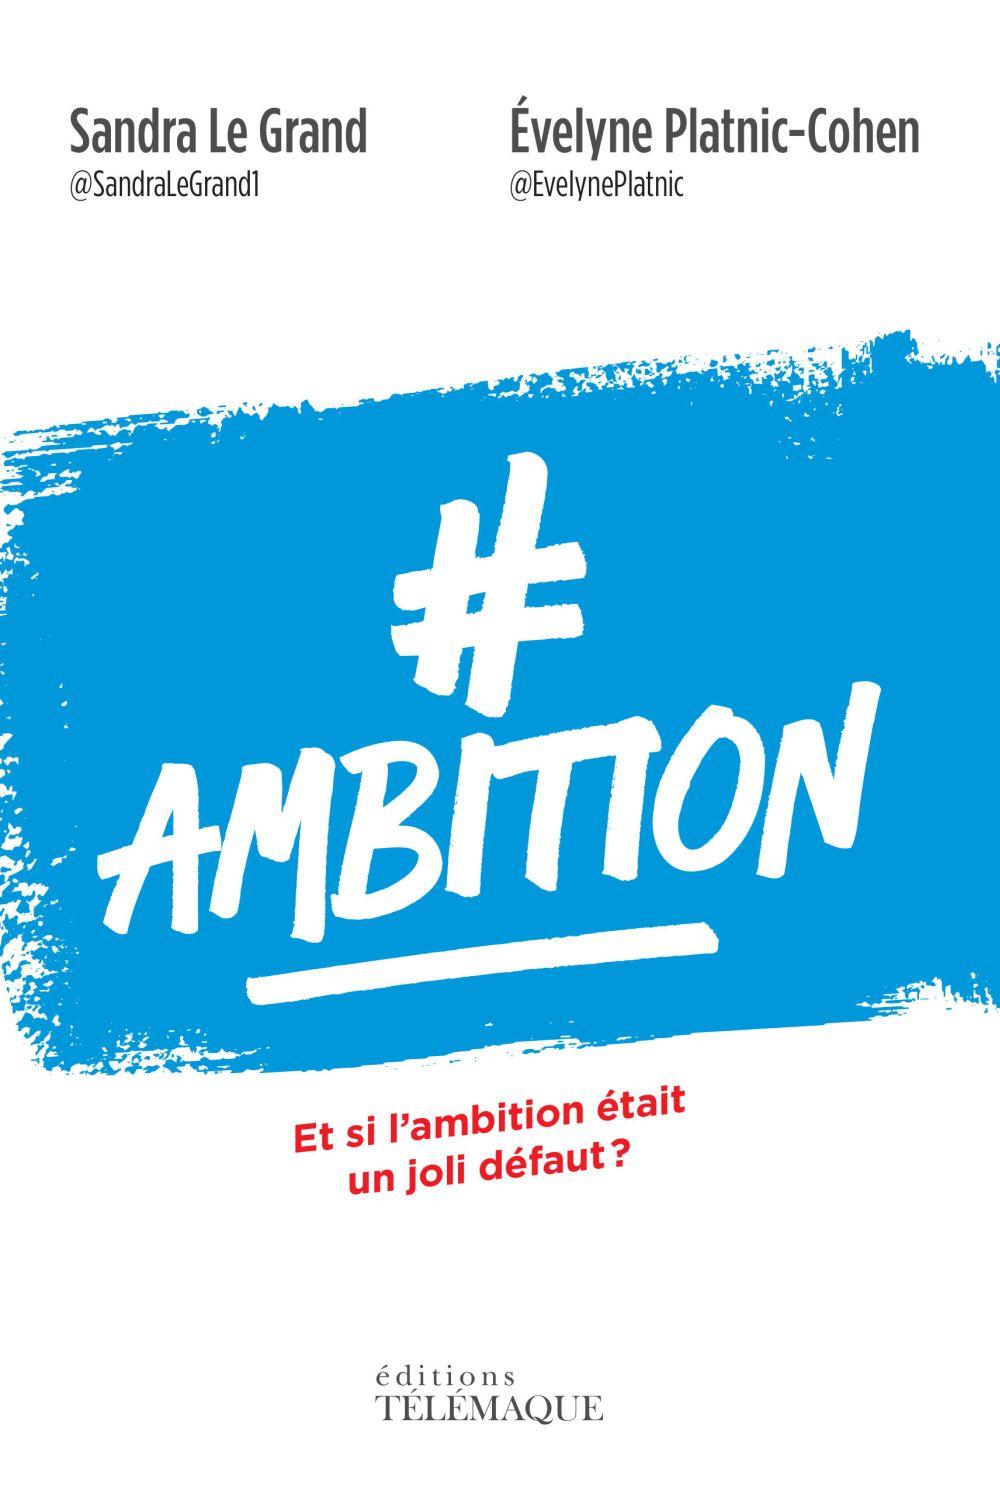 #Ambition